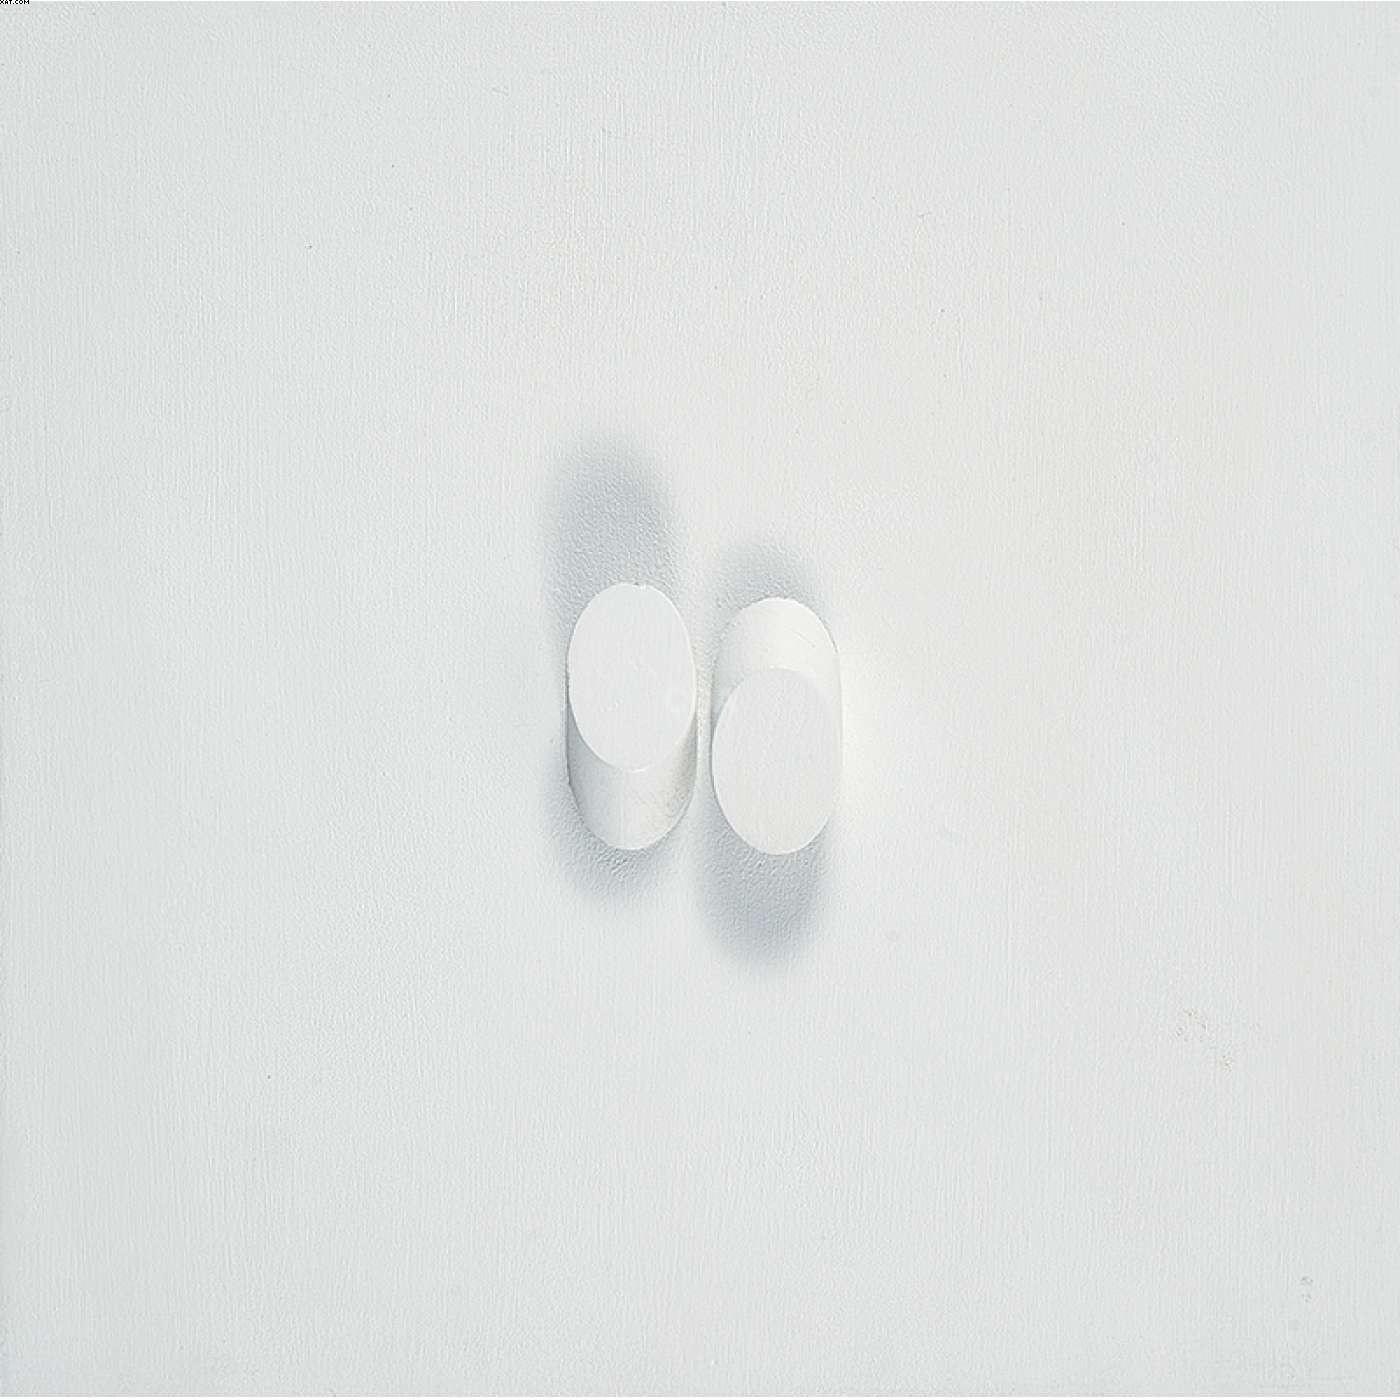 Convite da exposição na Galeria Collectio - Sérgio Camargo - Sergio Camargo